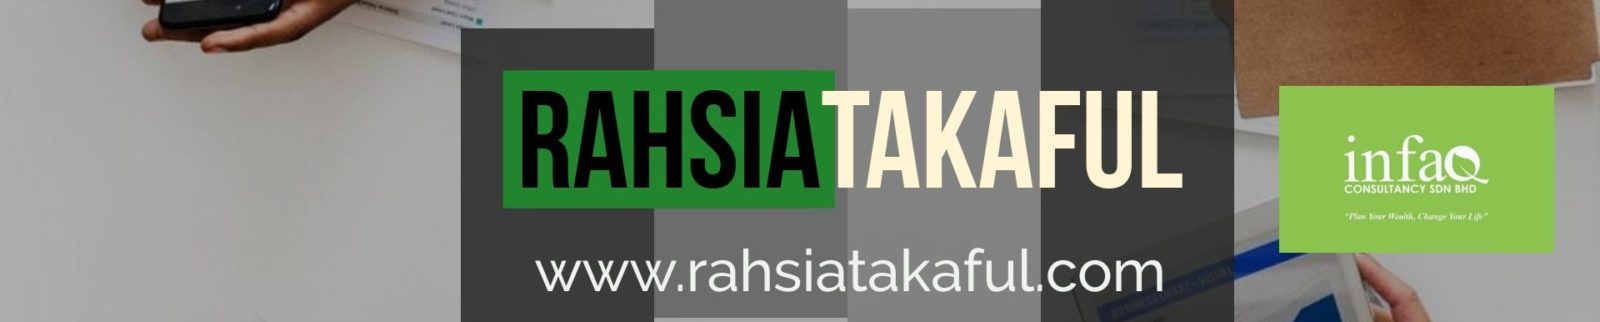 Rahsia Takaful